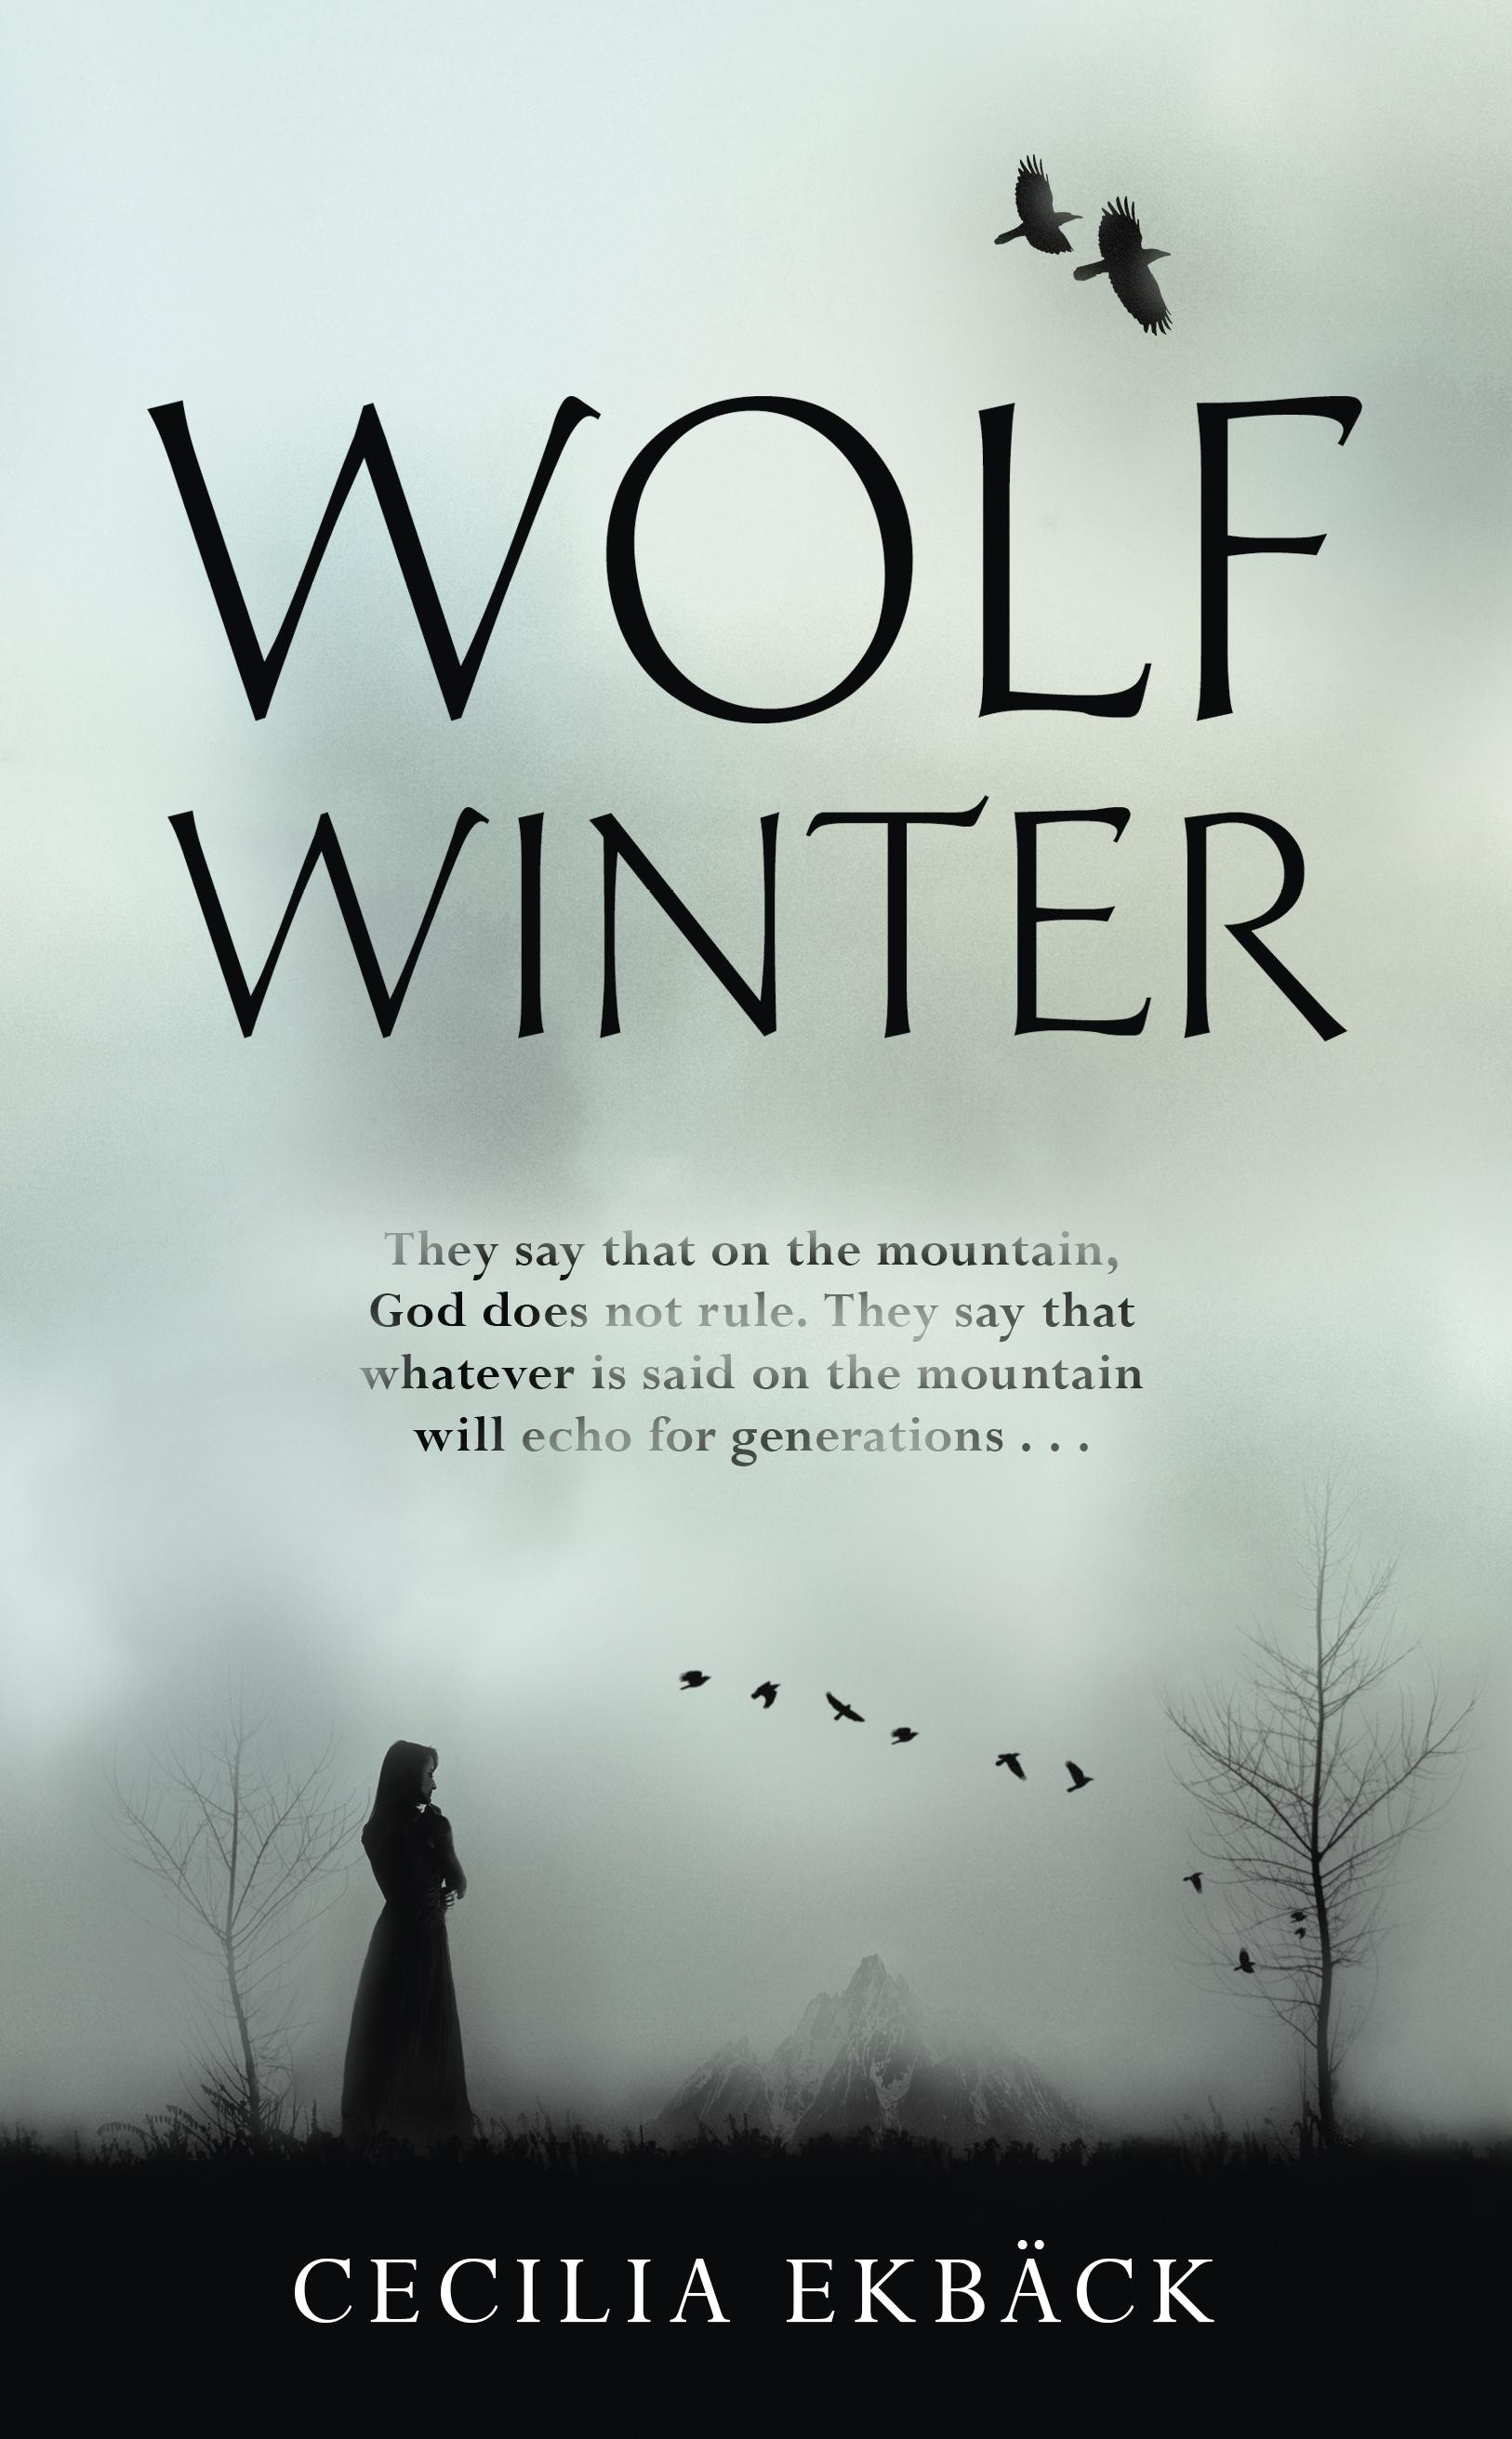 WOLF WINTER | CECILIA EKBACK | BOOK REVIEW